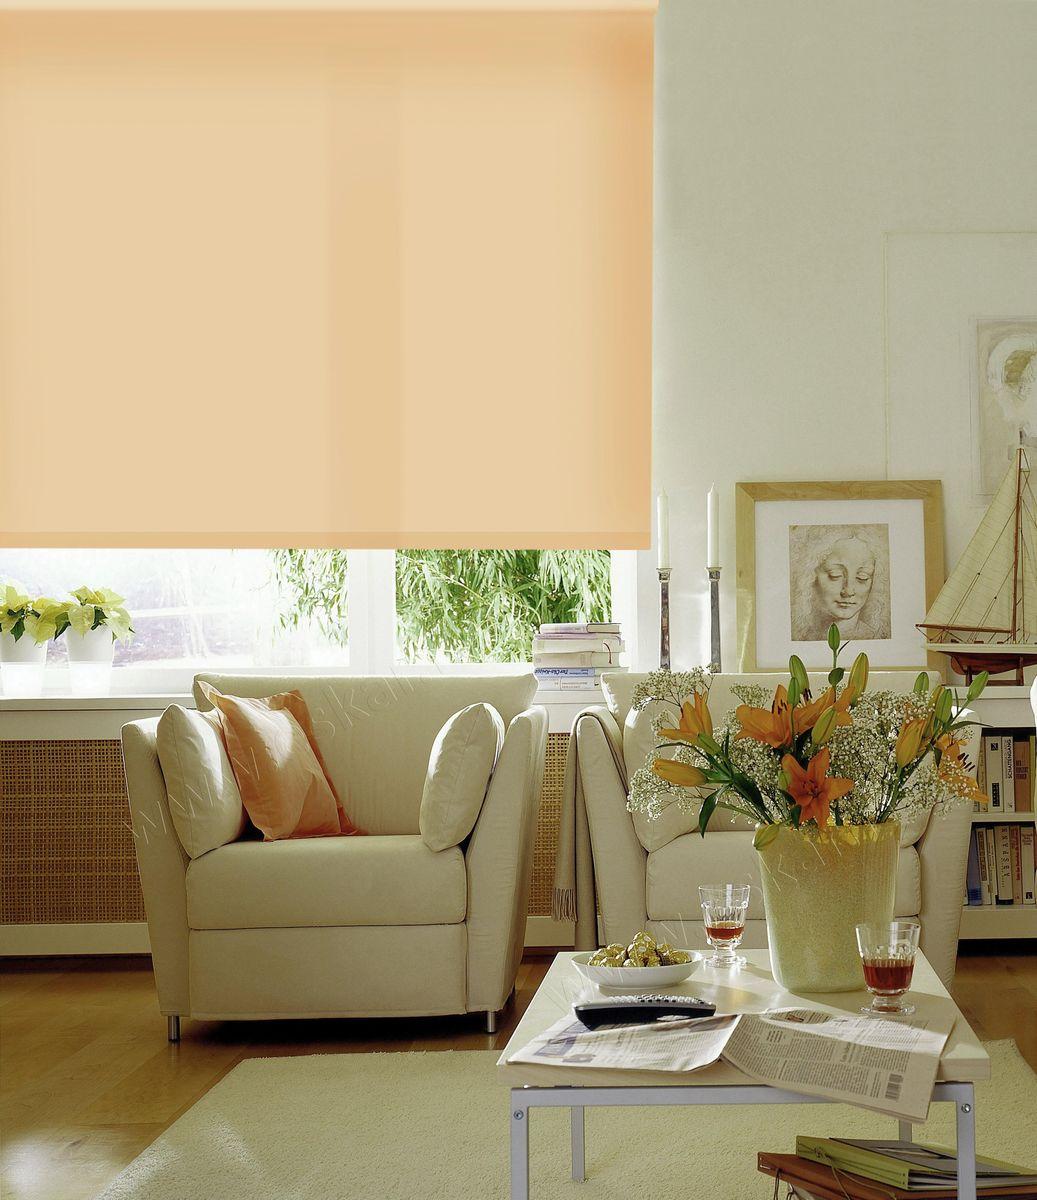 Штора рулонная Эскар, цвет: светло-абрикосовый, ширина 150 см, высота 170 см80653Рулонными шторами можно оформлять окна как самостоятельно, так и использовать в комбинации с портьерами. Это поможет предотвратить выгорание дорогой ткани на солнце и соединит функционал рулонных с красотой навесных.Преимущества применения рулонных штор для пластиковых окон:- имеют прекрасный внешний вид: многообразие и фактурность материала изделия отлично смотрятся в любом интерьере; - многофункциональны: есть возможность подобрать шторы способные эффективно защитить комнату от солнца, при этом о на не будет слишком темной. - Есть возможность осуществить быстрый монтаж. ВНИМАНИЕ! Размеры ширины изделия указаны по ширине ткани!Во время эксплуатации не рекомендуется полностью разматывать рулон, чтобы не оторвать ткань от намоточного вала.В случае загрязнения поверхности ткани, чистку шторы проводят одним из способов, в зависимости от типа загрязнения: легкое поверхностное загрязнение можно удалить при помощи канцелярского ластика; чистка от пыли производится сухим методом при помощи пылесоса с мягкой щеткой-насадкой; для удаления пятна используйте мягкую губку с пенообразующим неагрессивным моющим средством или пятновыводитель на натуральной основе (нельзя применять растворители).